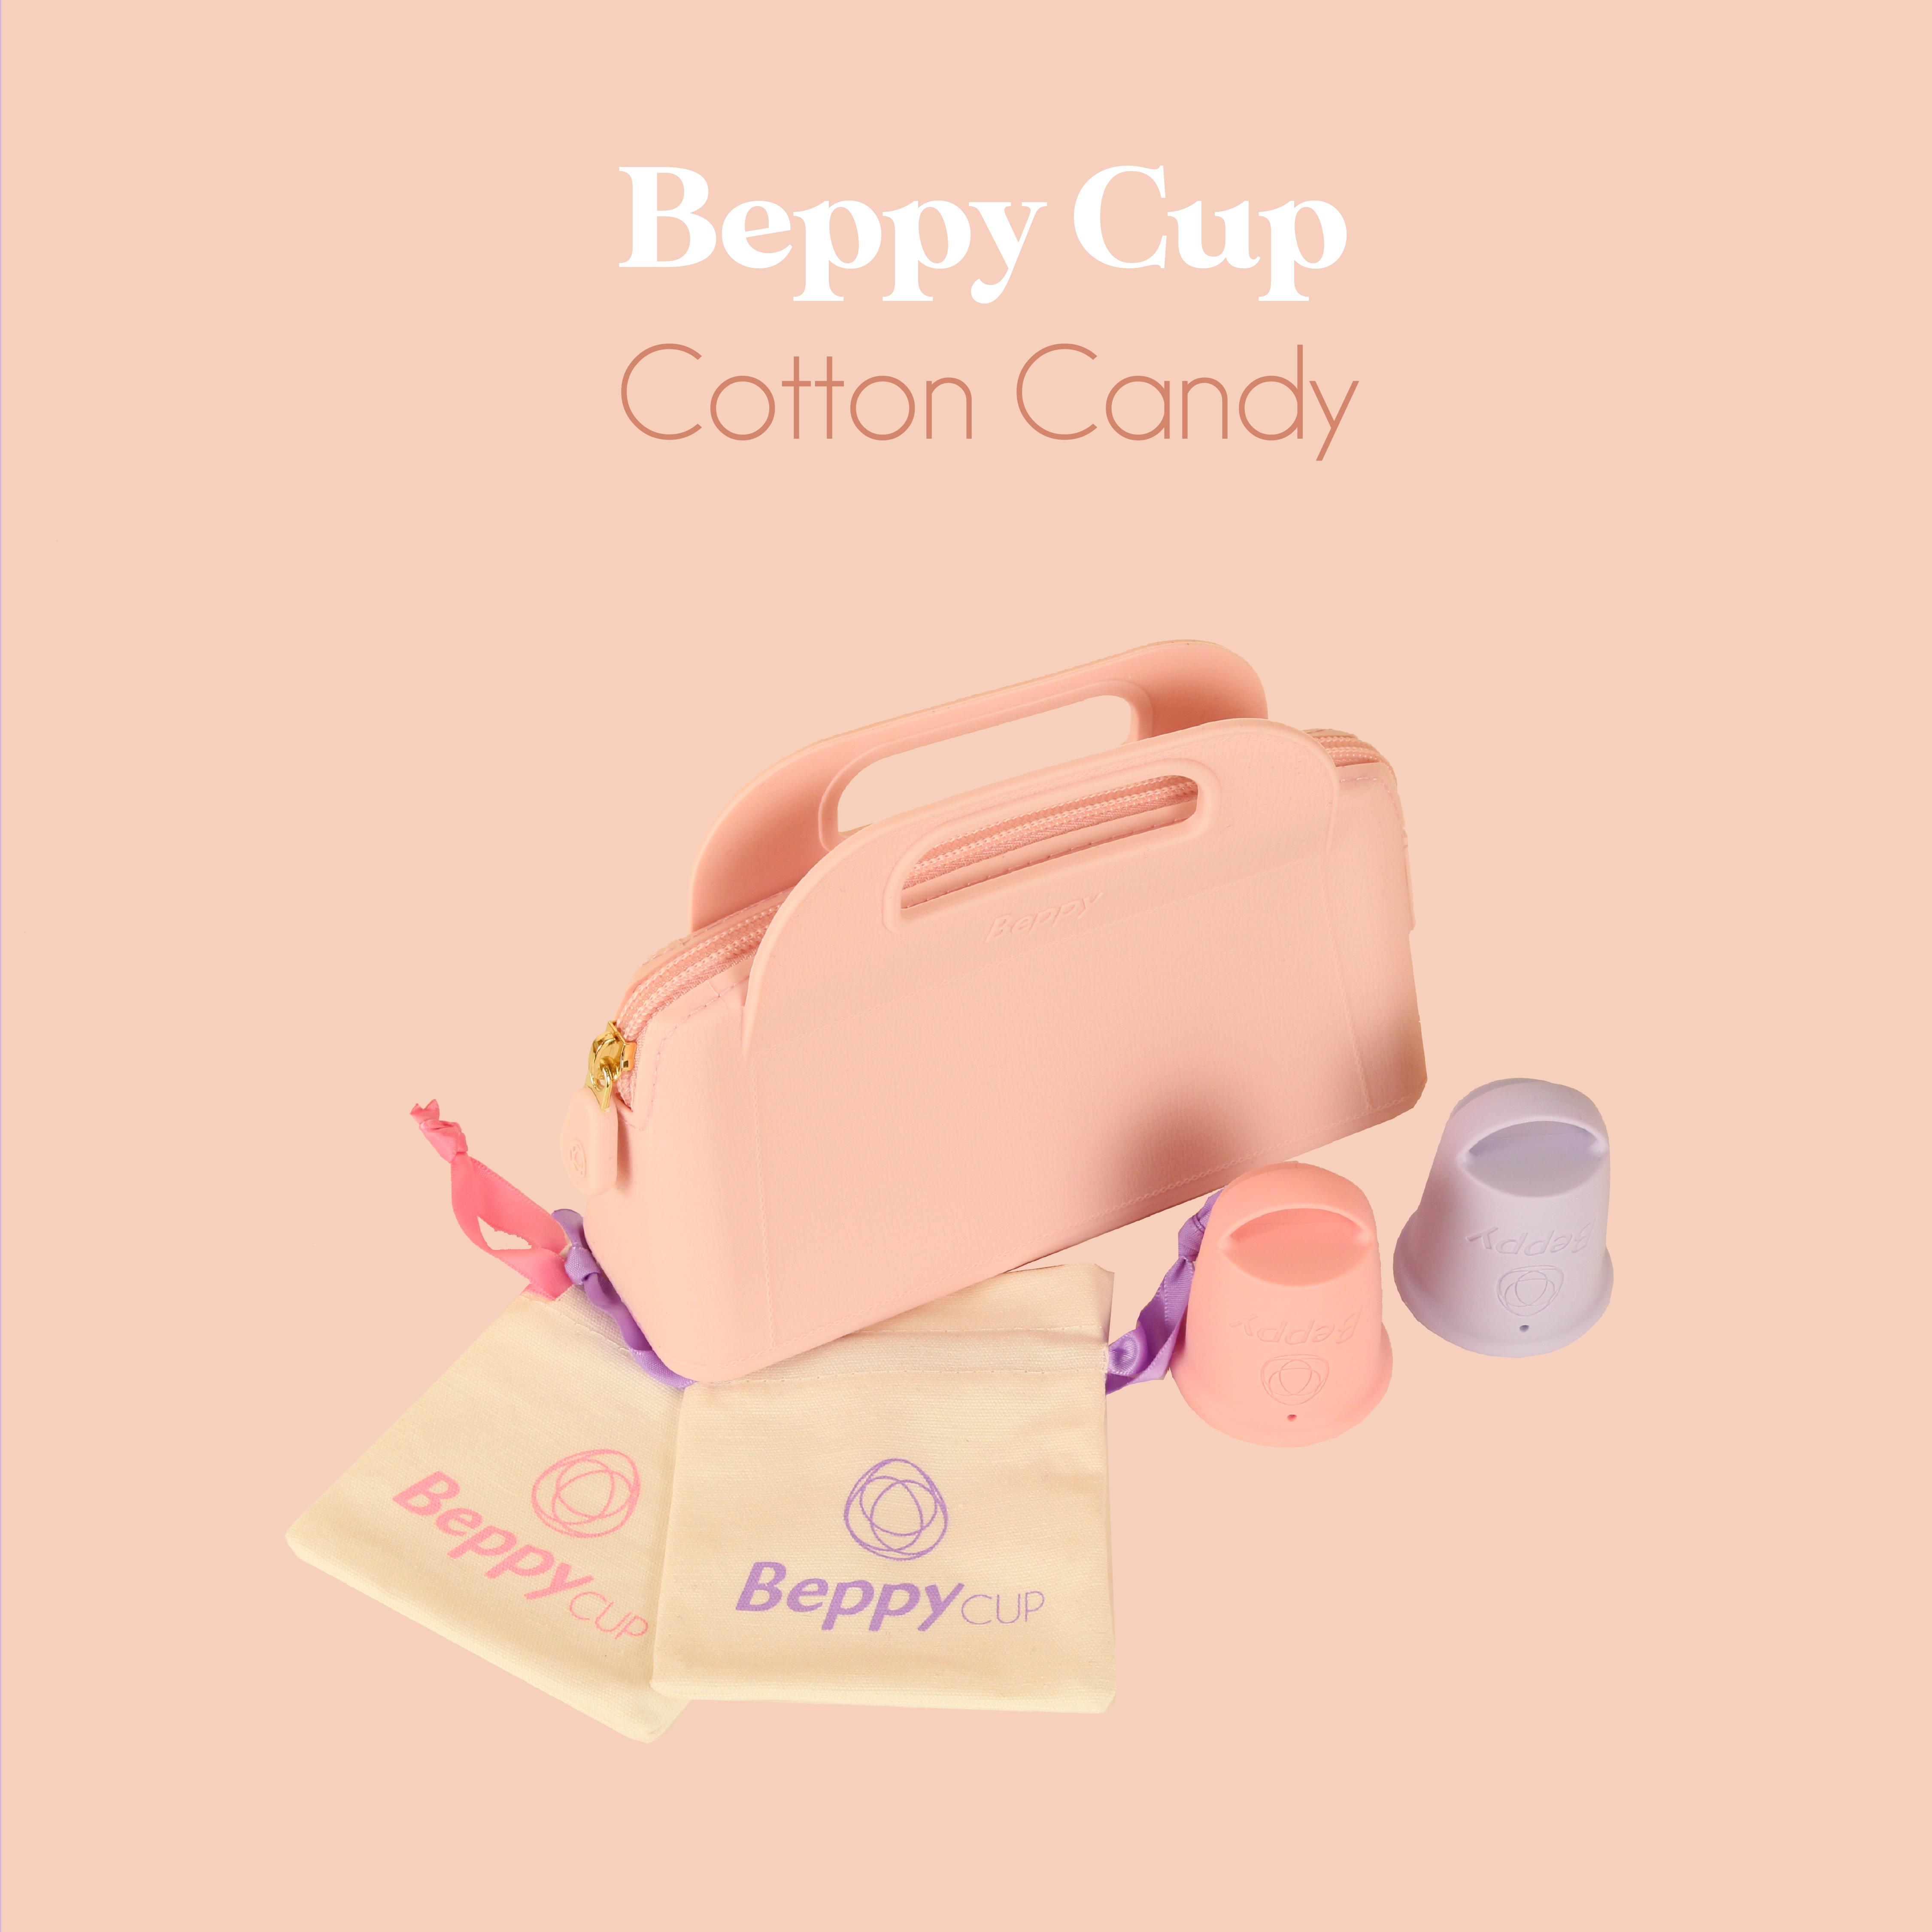 kubek menstruacyjny, Kubeczek menstruacyjny Beppy Cup – najczęściej zadawane pytania, Kubeczek menstruacyjny BEPPY CUP i Tampony BEPPY